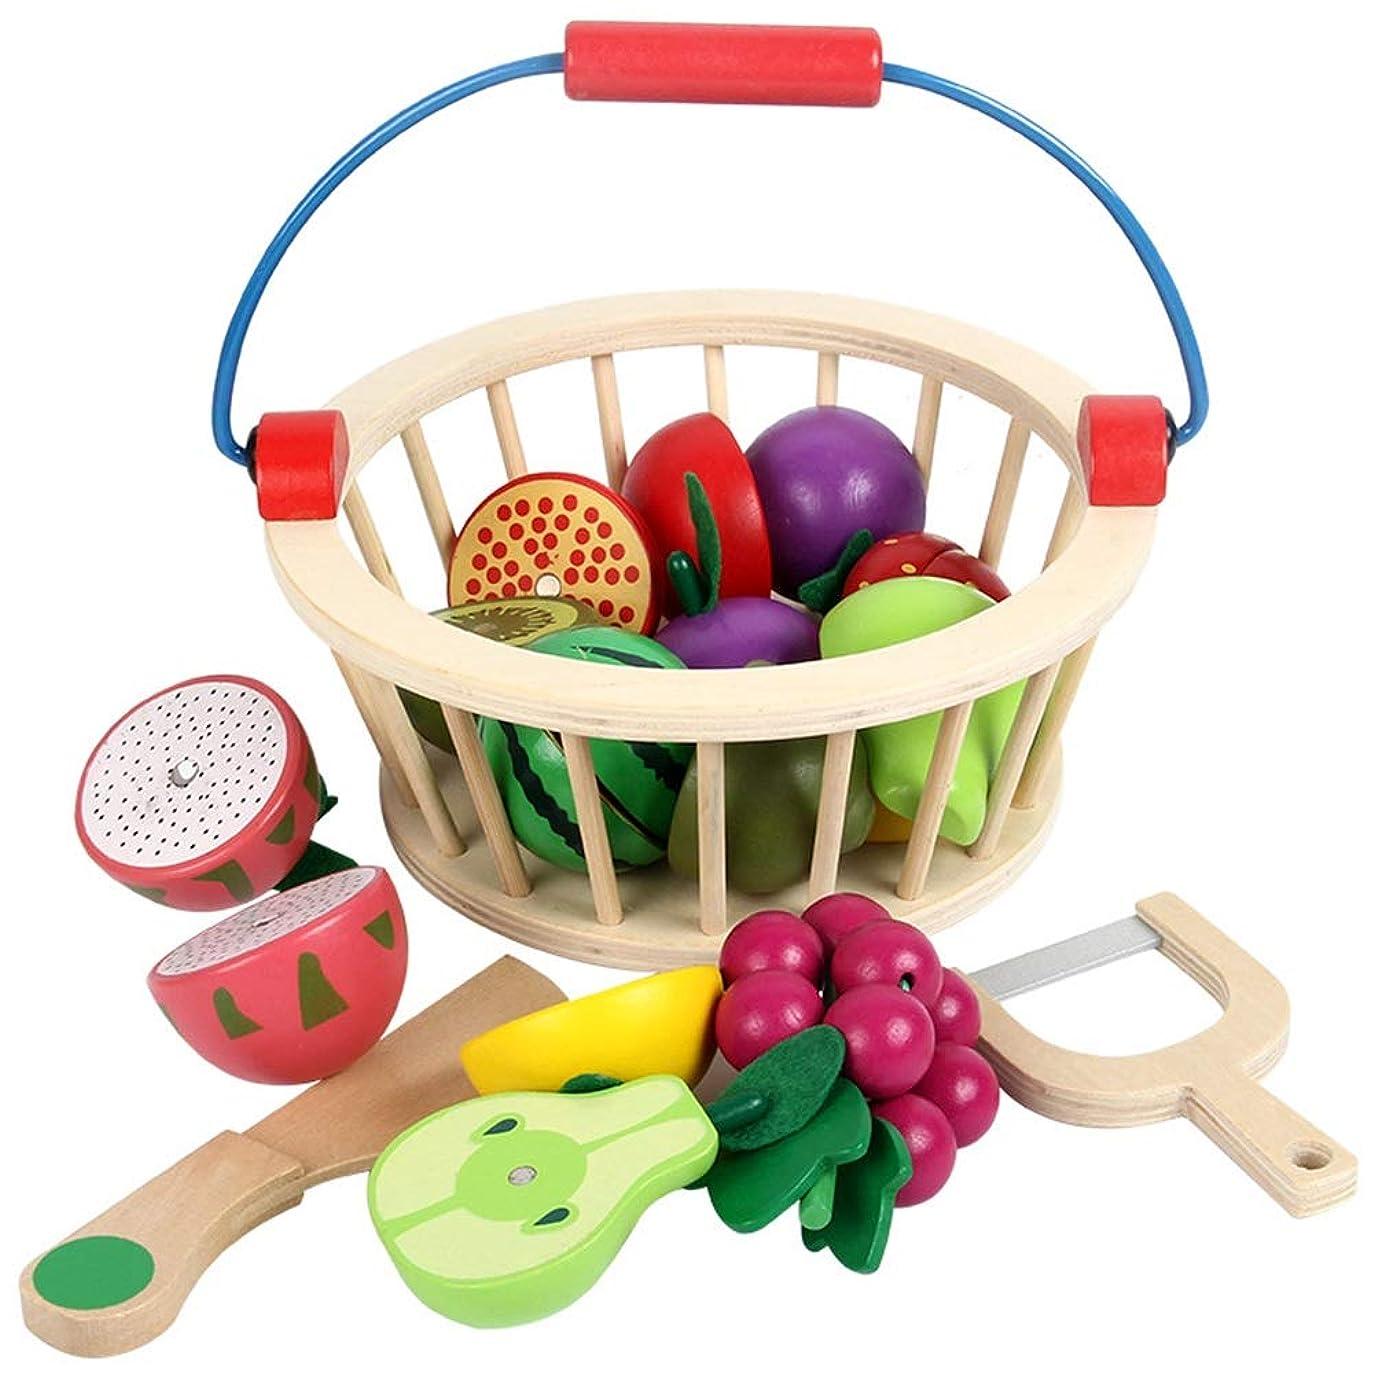 杖コミットメント遵守するふりプレイフードセット、 木製のカットフルーツのおもちゃ果物野菜キッチンおもちゃキッチンプレイセット教育学習玩具のためにキッズ 教育インタラクティブな赤ちゃんのおもちゃ (Color : 12pcs fruit, Size : One size)